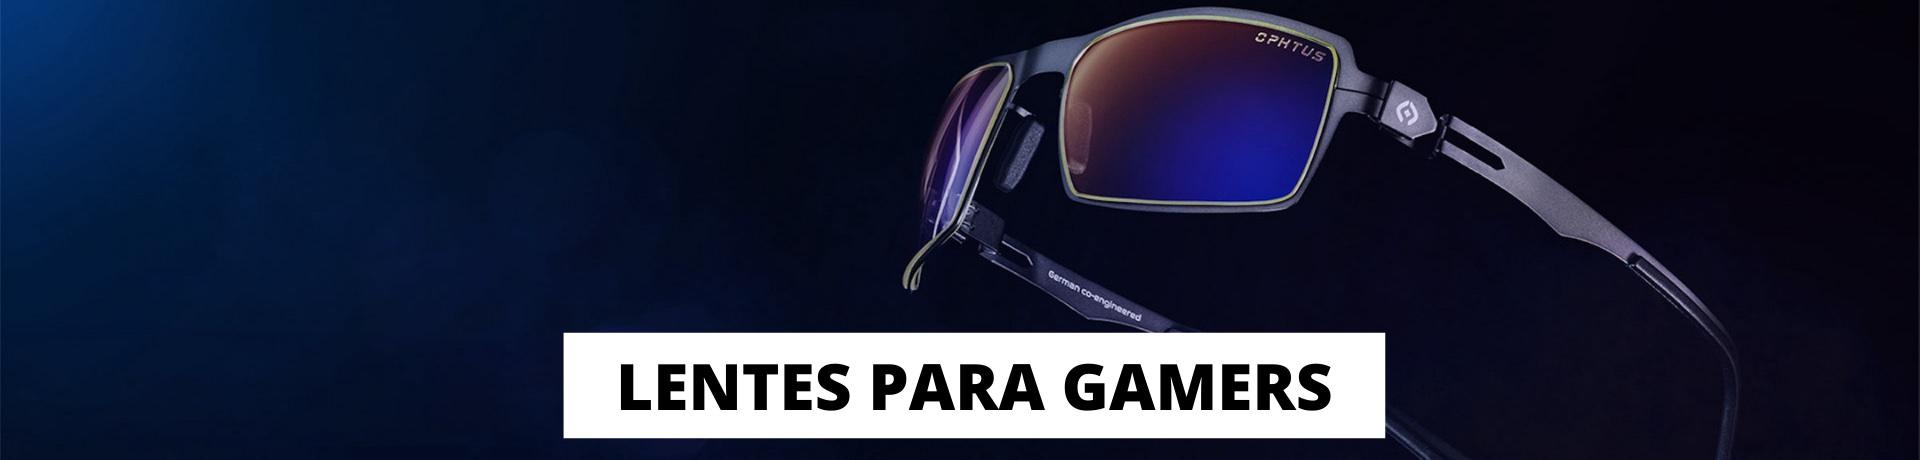 catalog/banner/lentes-gamers.jpg